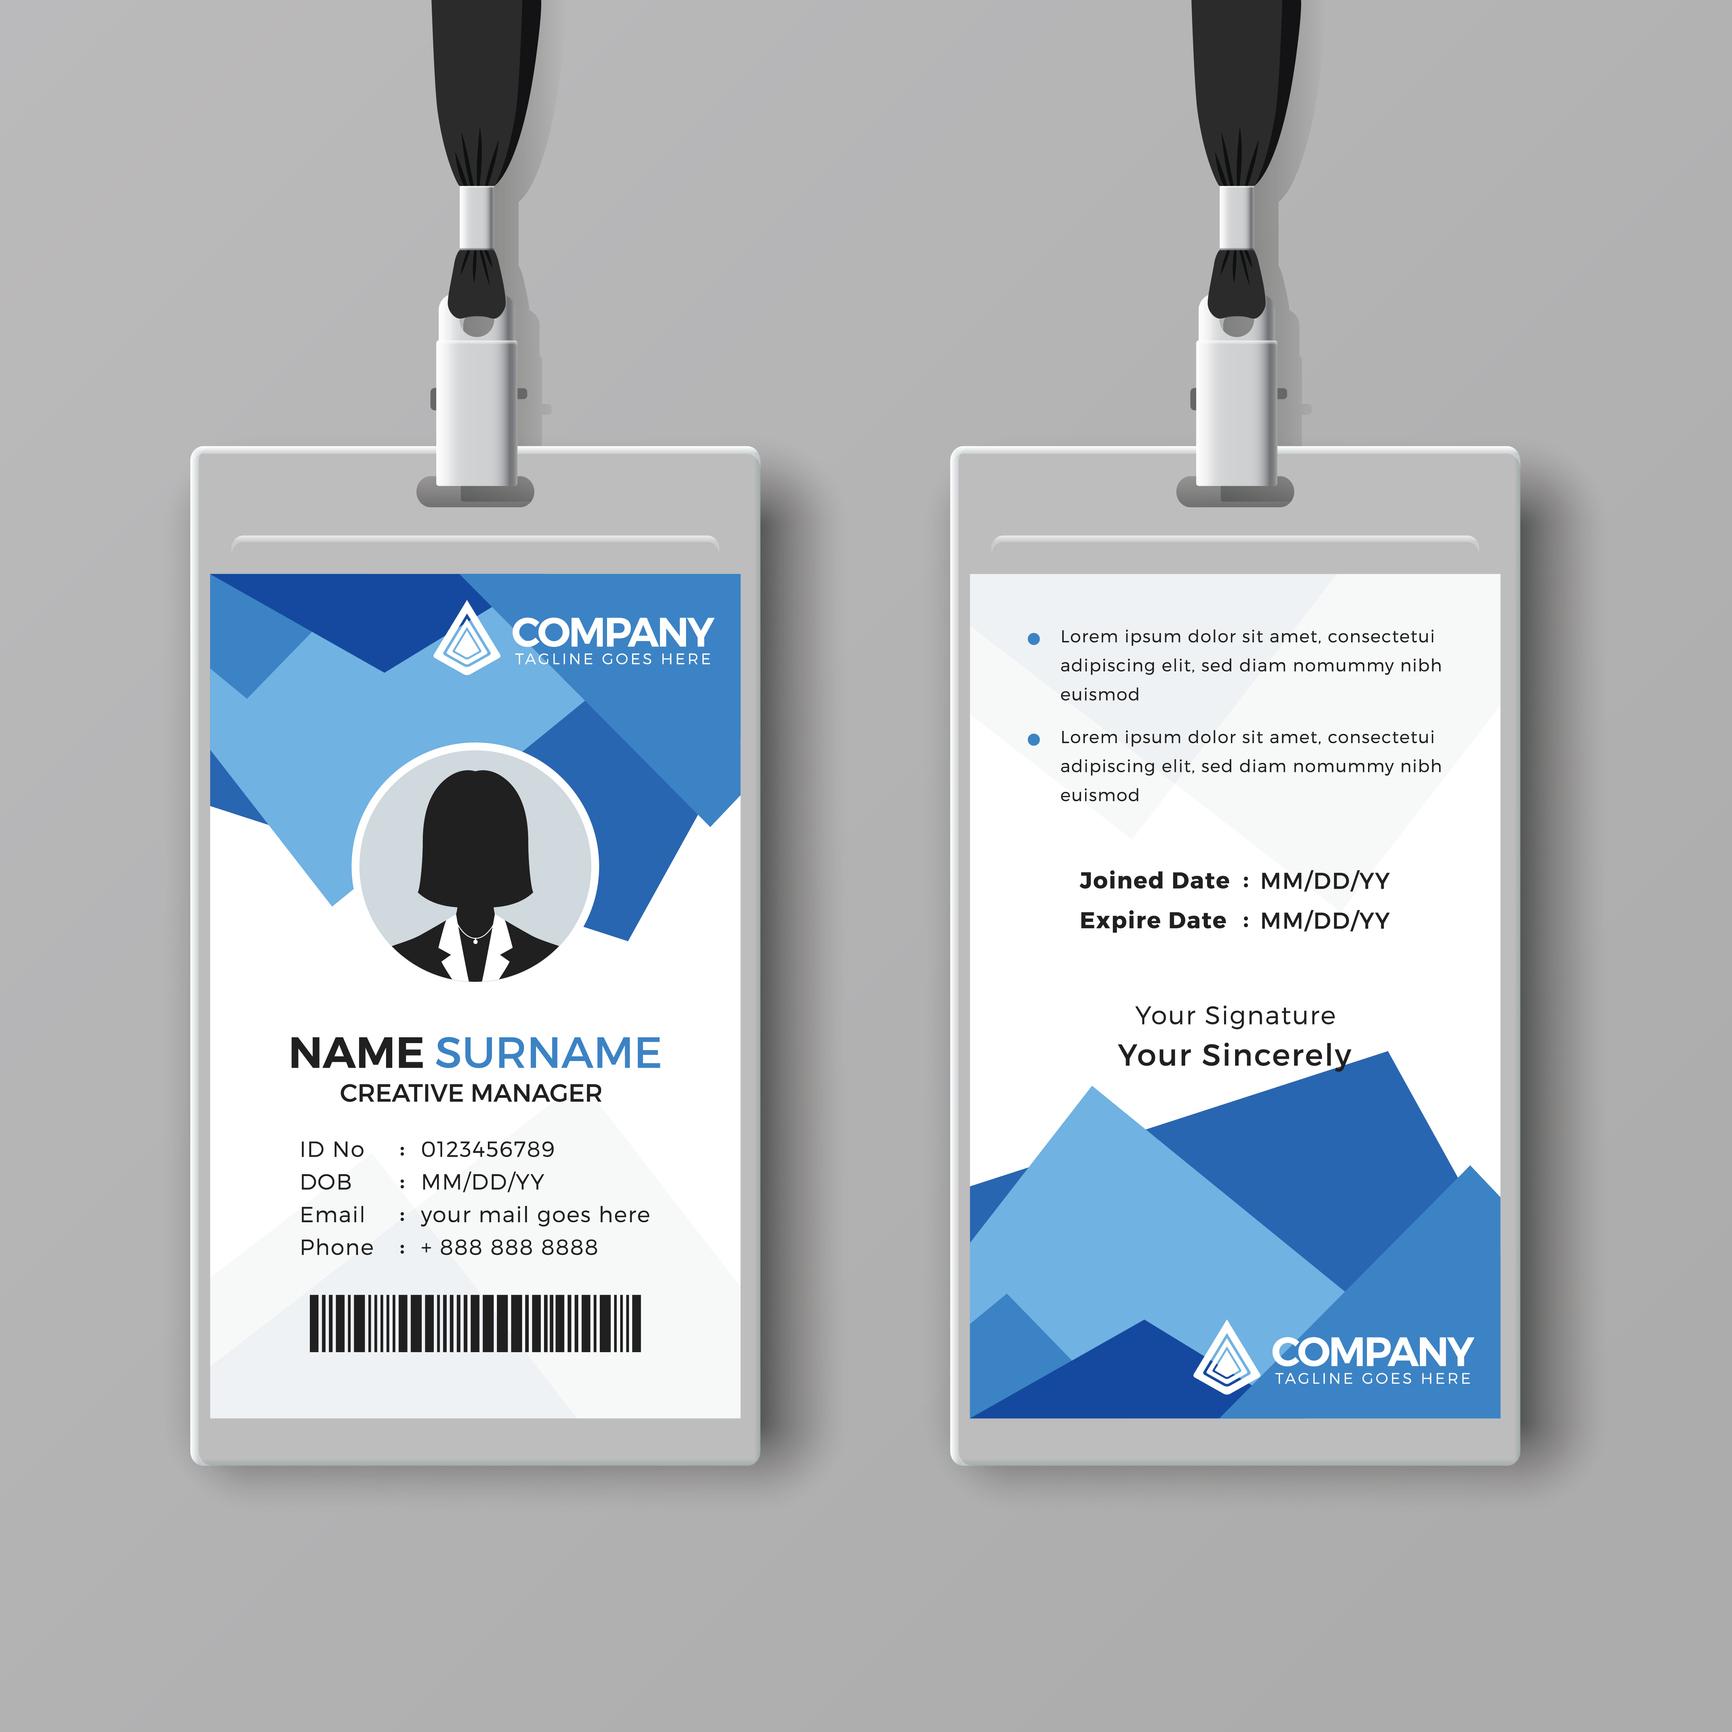 Multipurpose ID card design